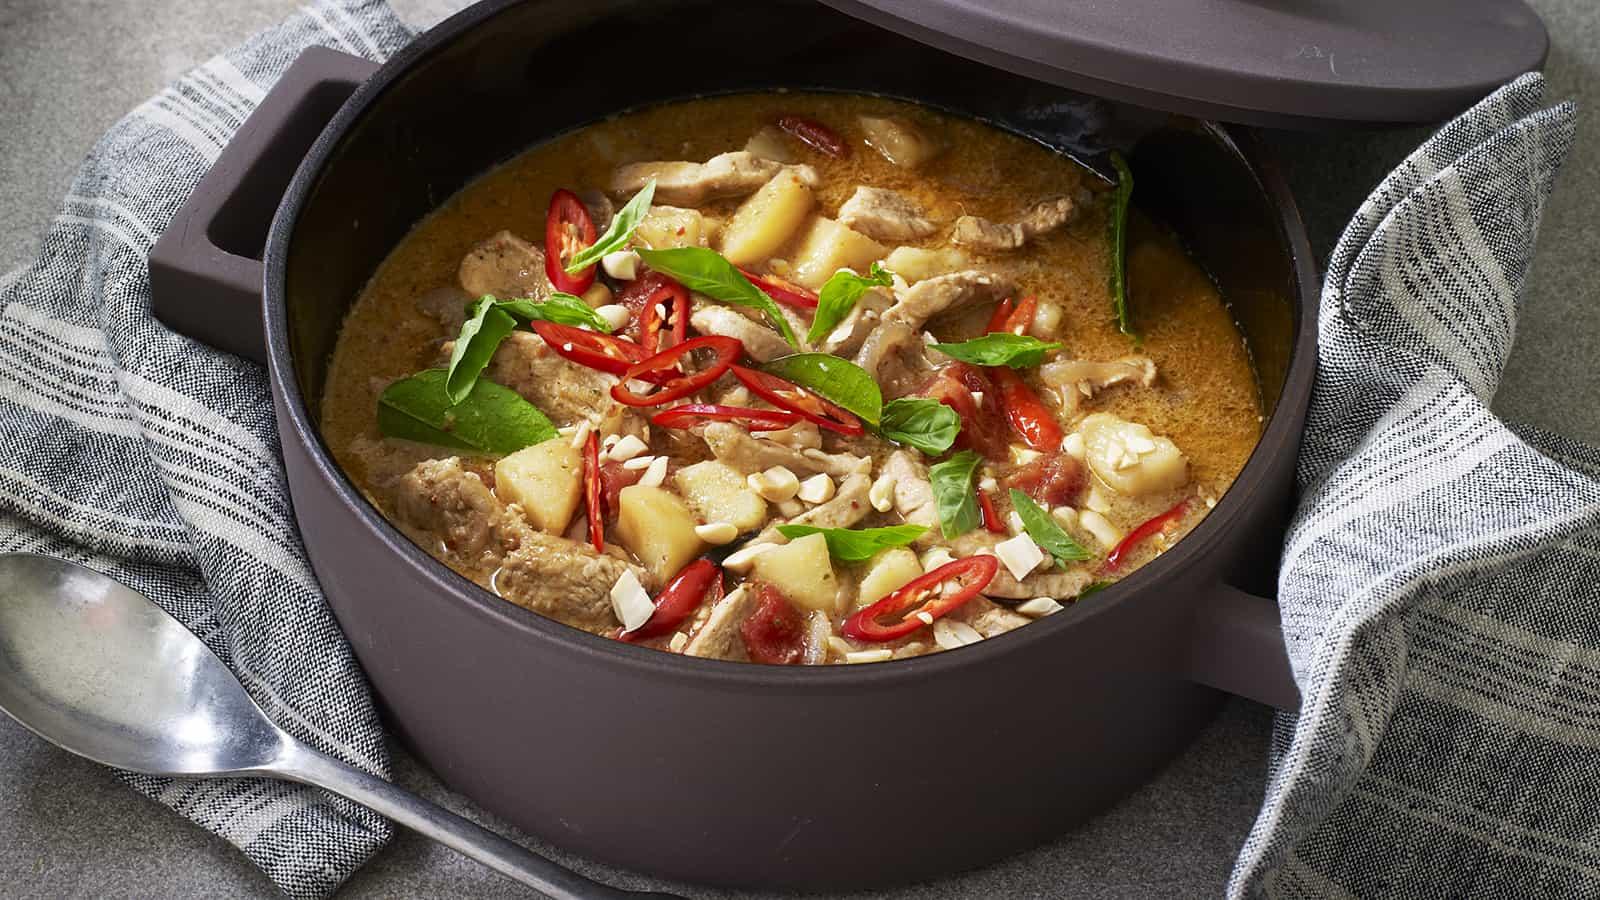 gambar makanan khas thailand Massaman Curry